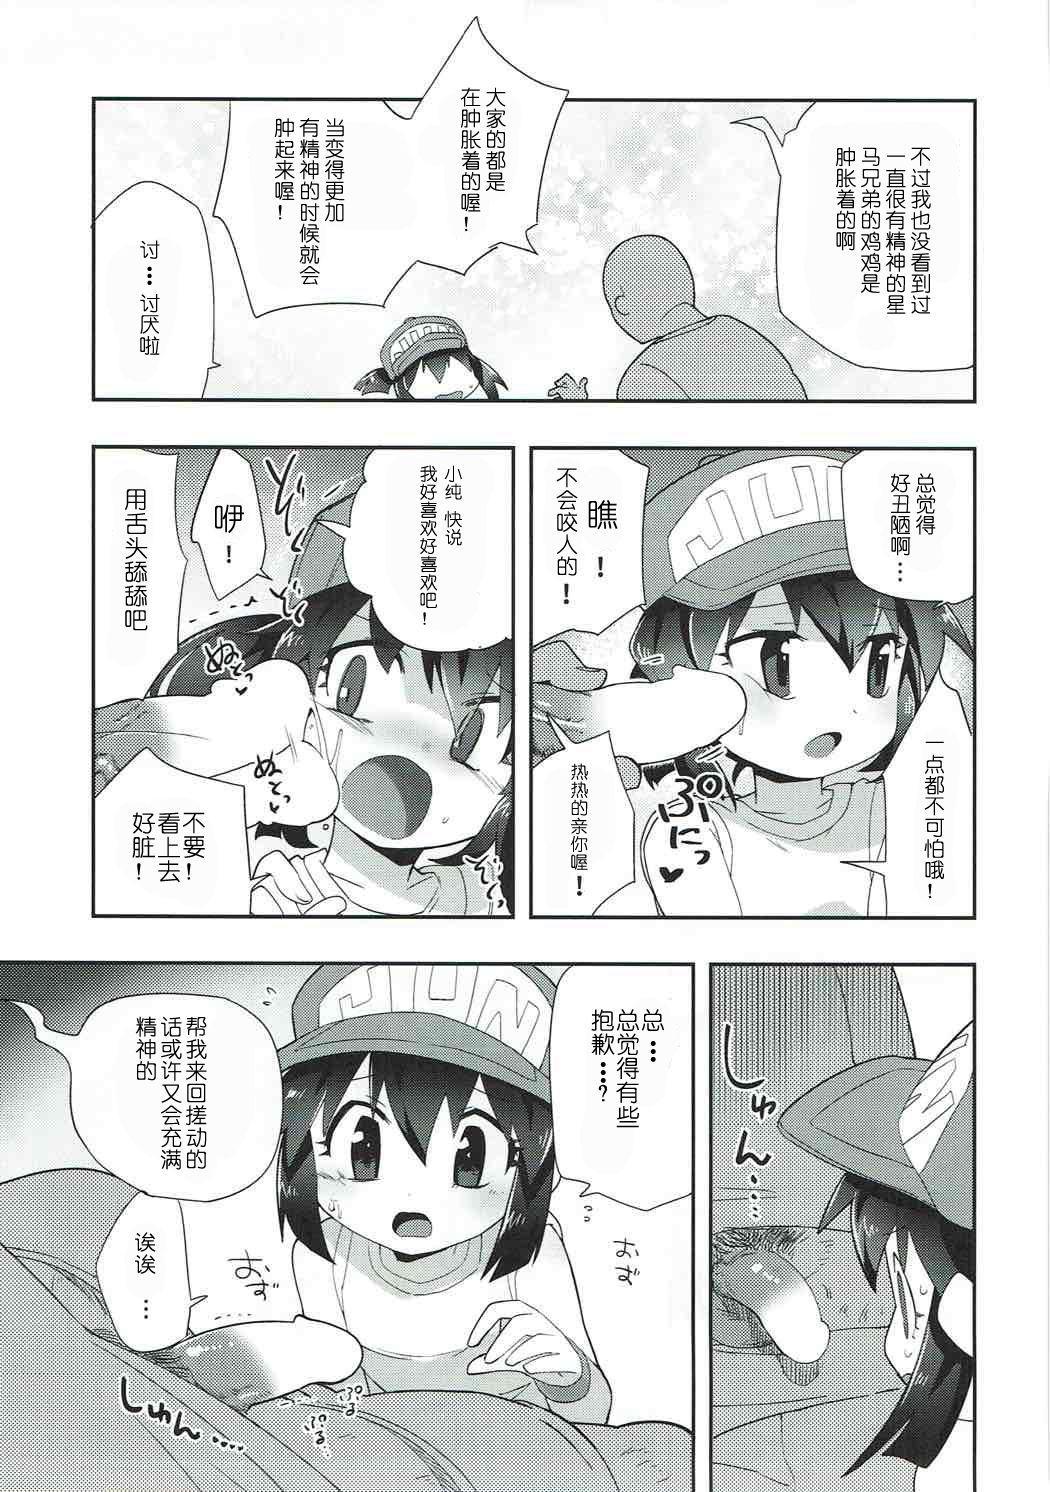 Genki ga Areba Nandemo Dekiru! 7